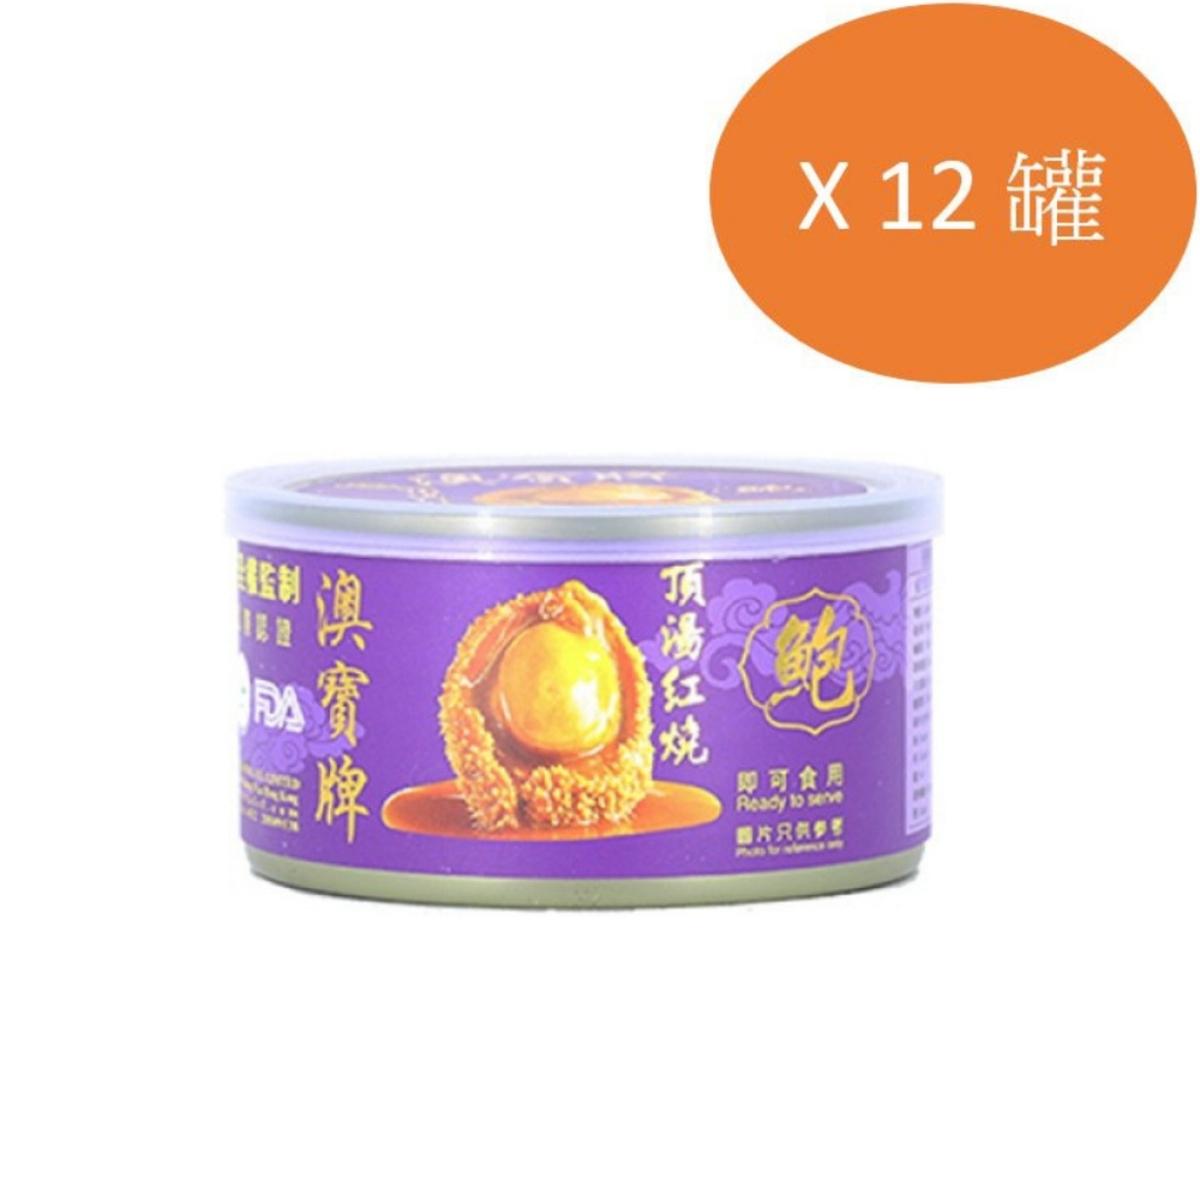 頂湯紅燒鮑魚 6頭 40g Q6 即食鮑魚 x 12罐